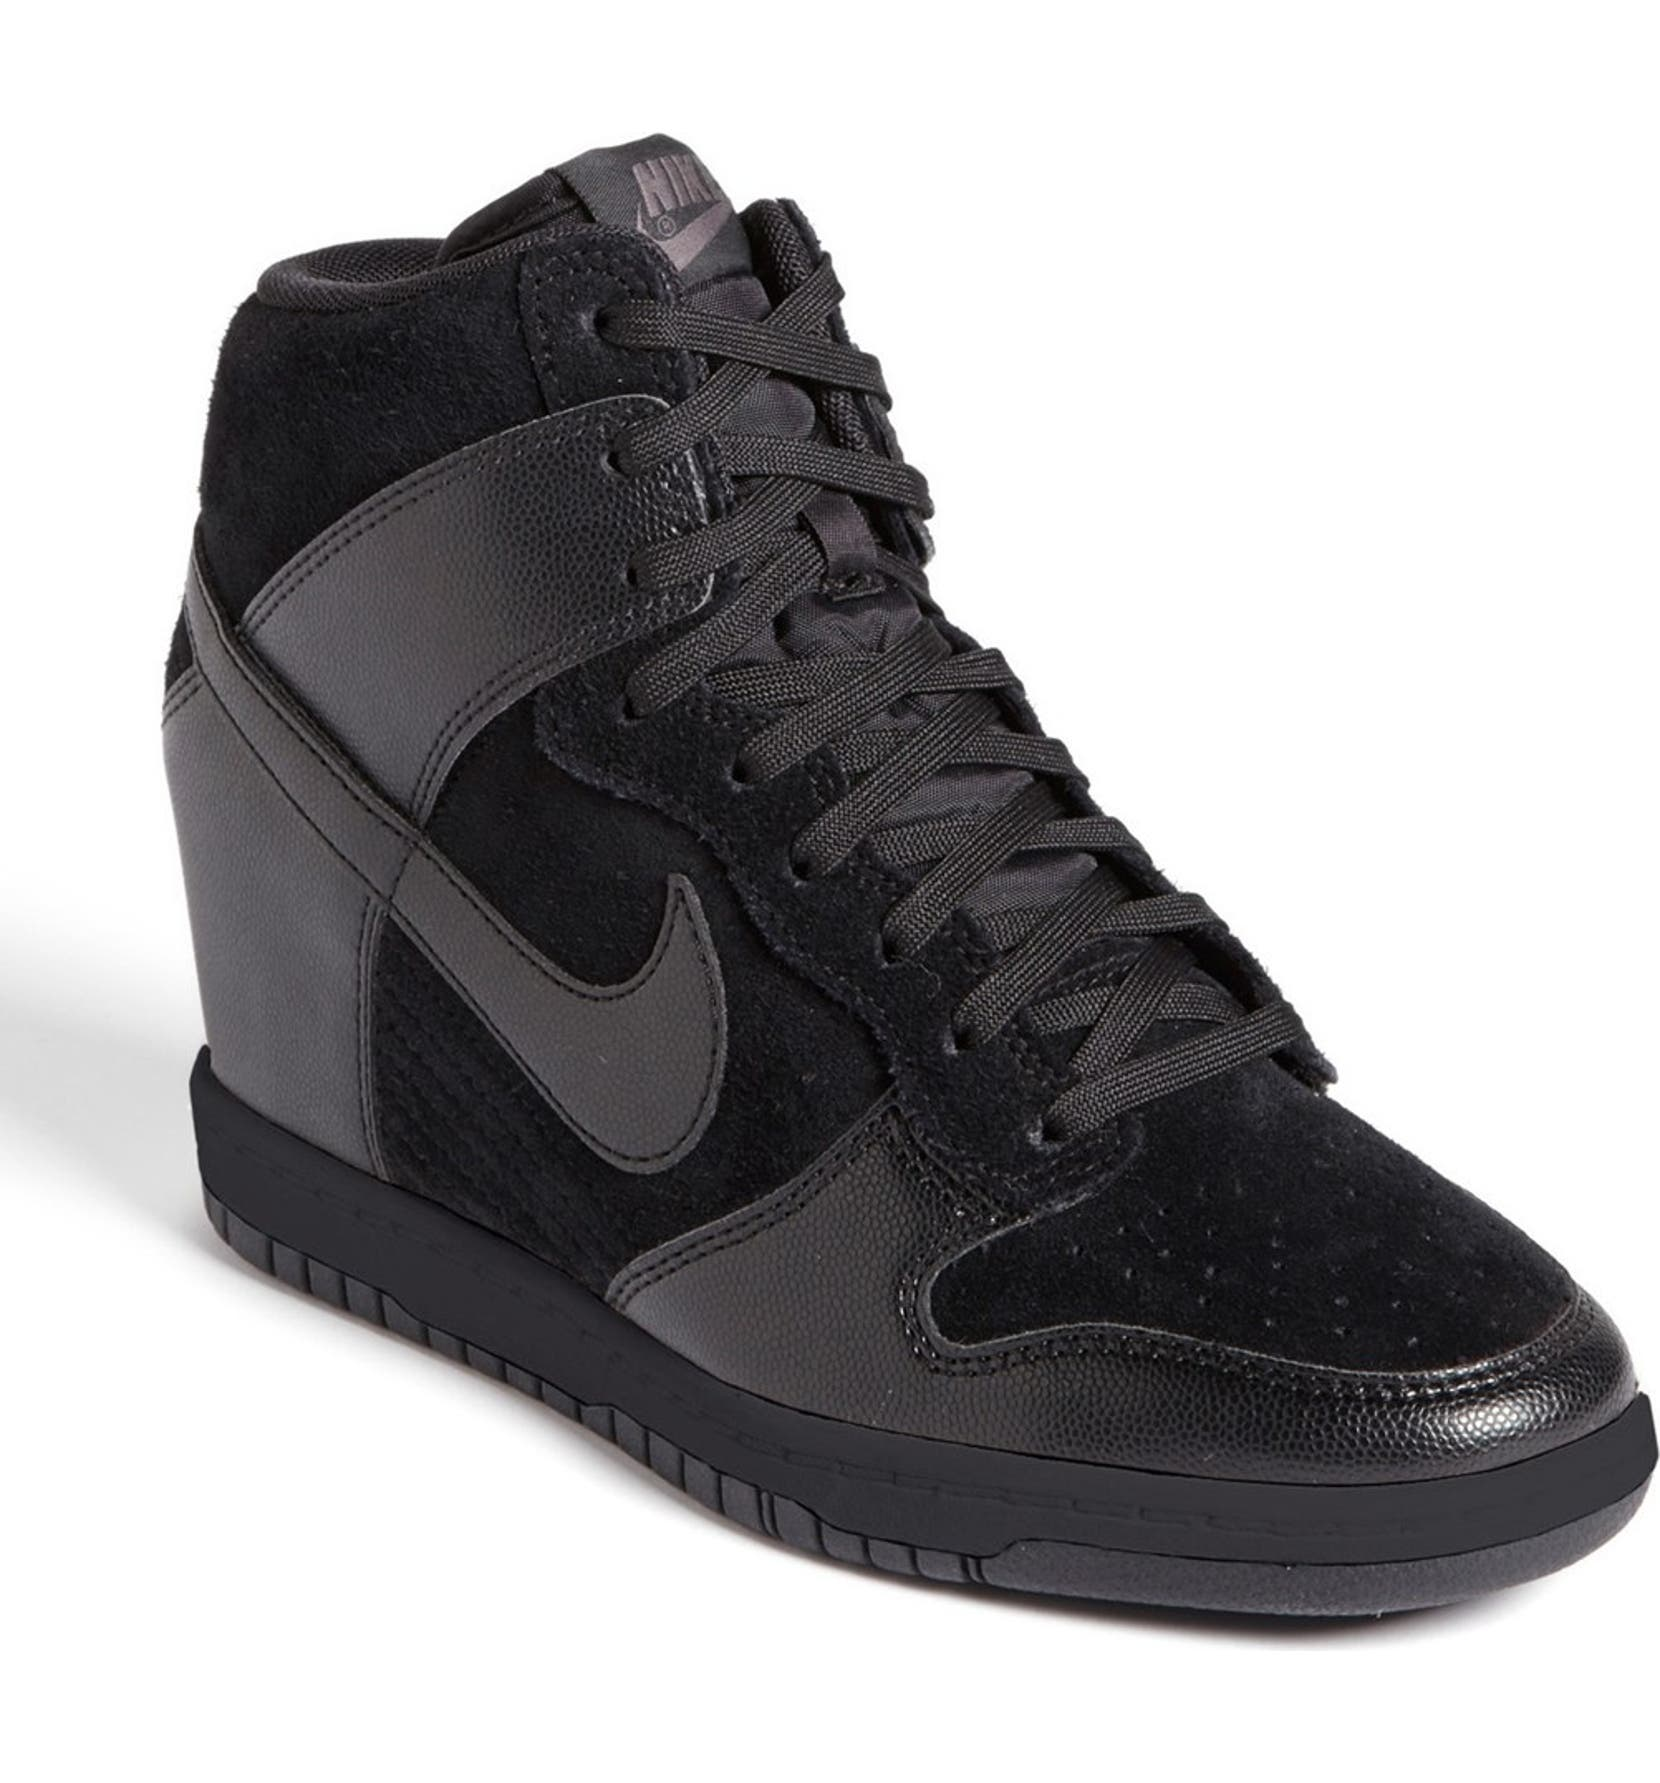 timeless design 1772d 59e7c Nike Dunk Sky Hi Wedge Sneaker (Women)  Nordstrom